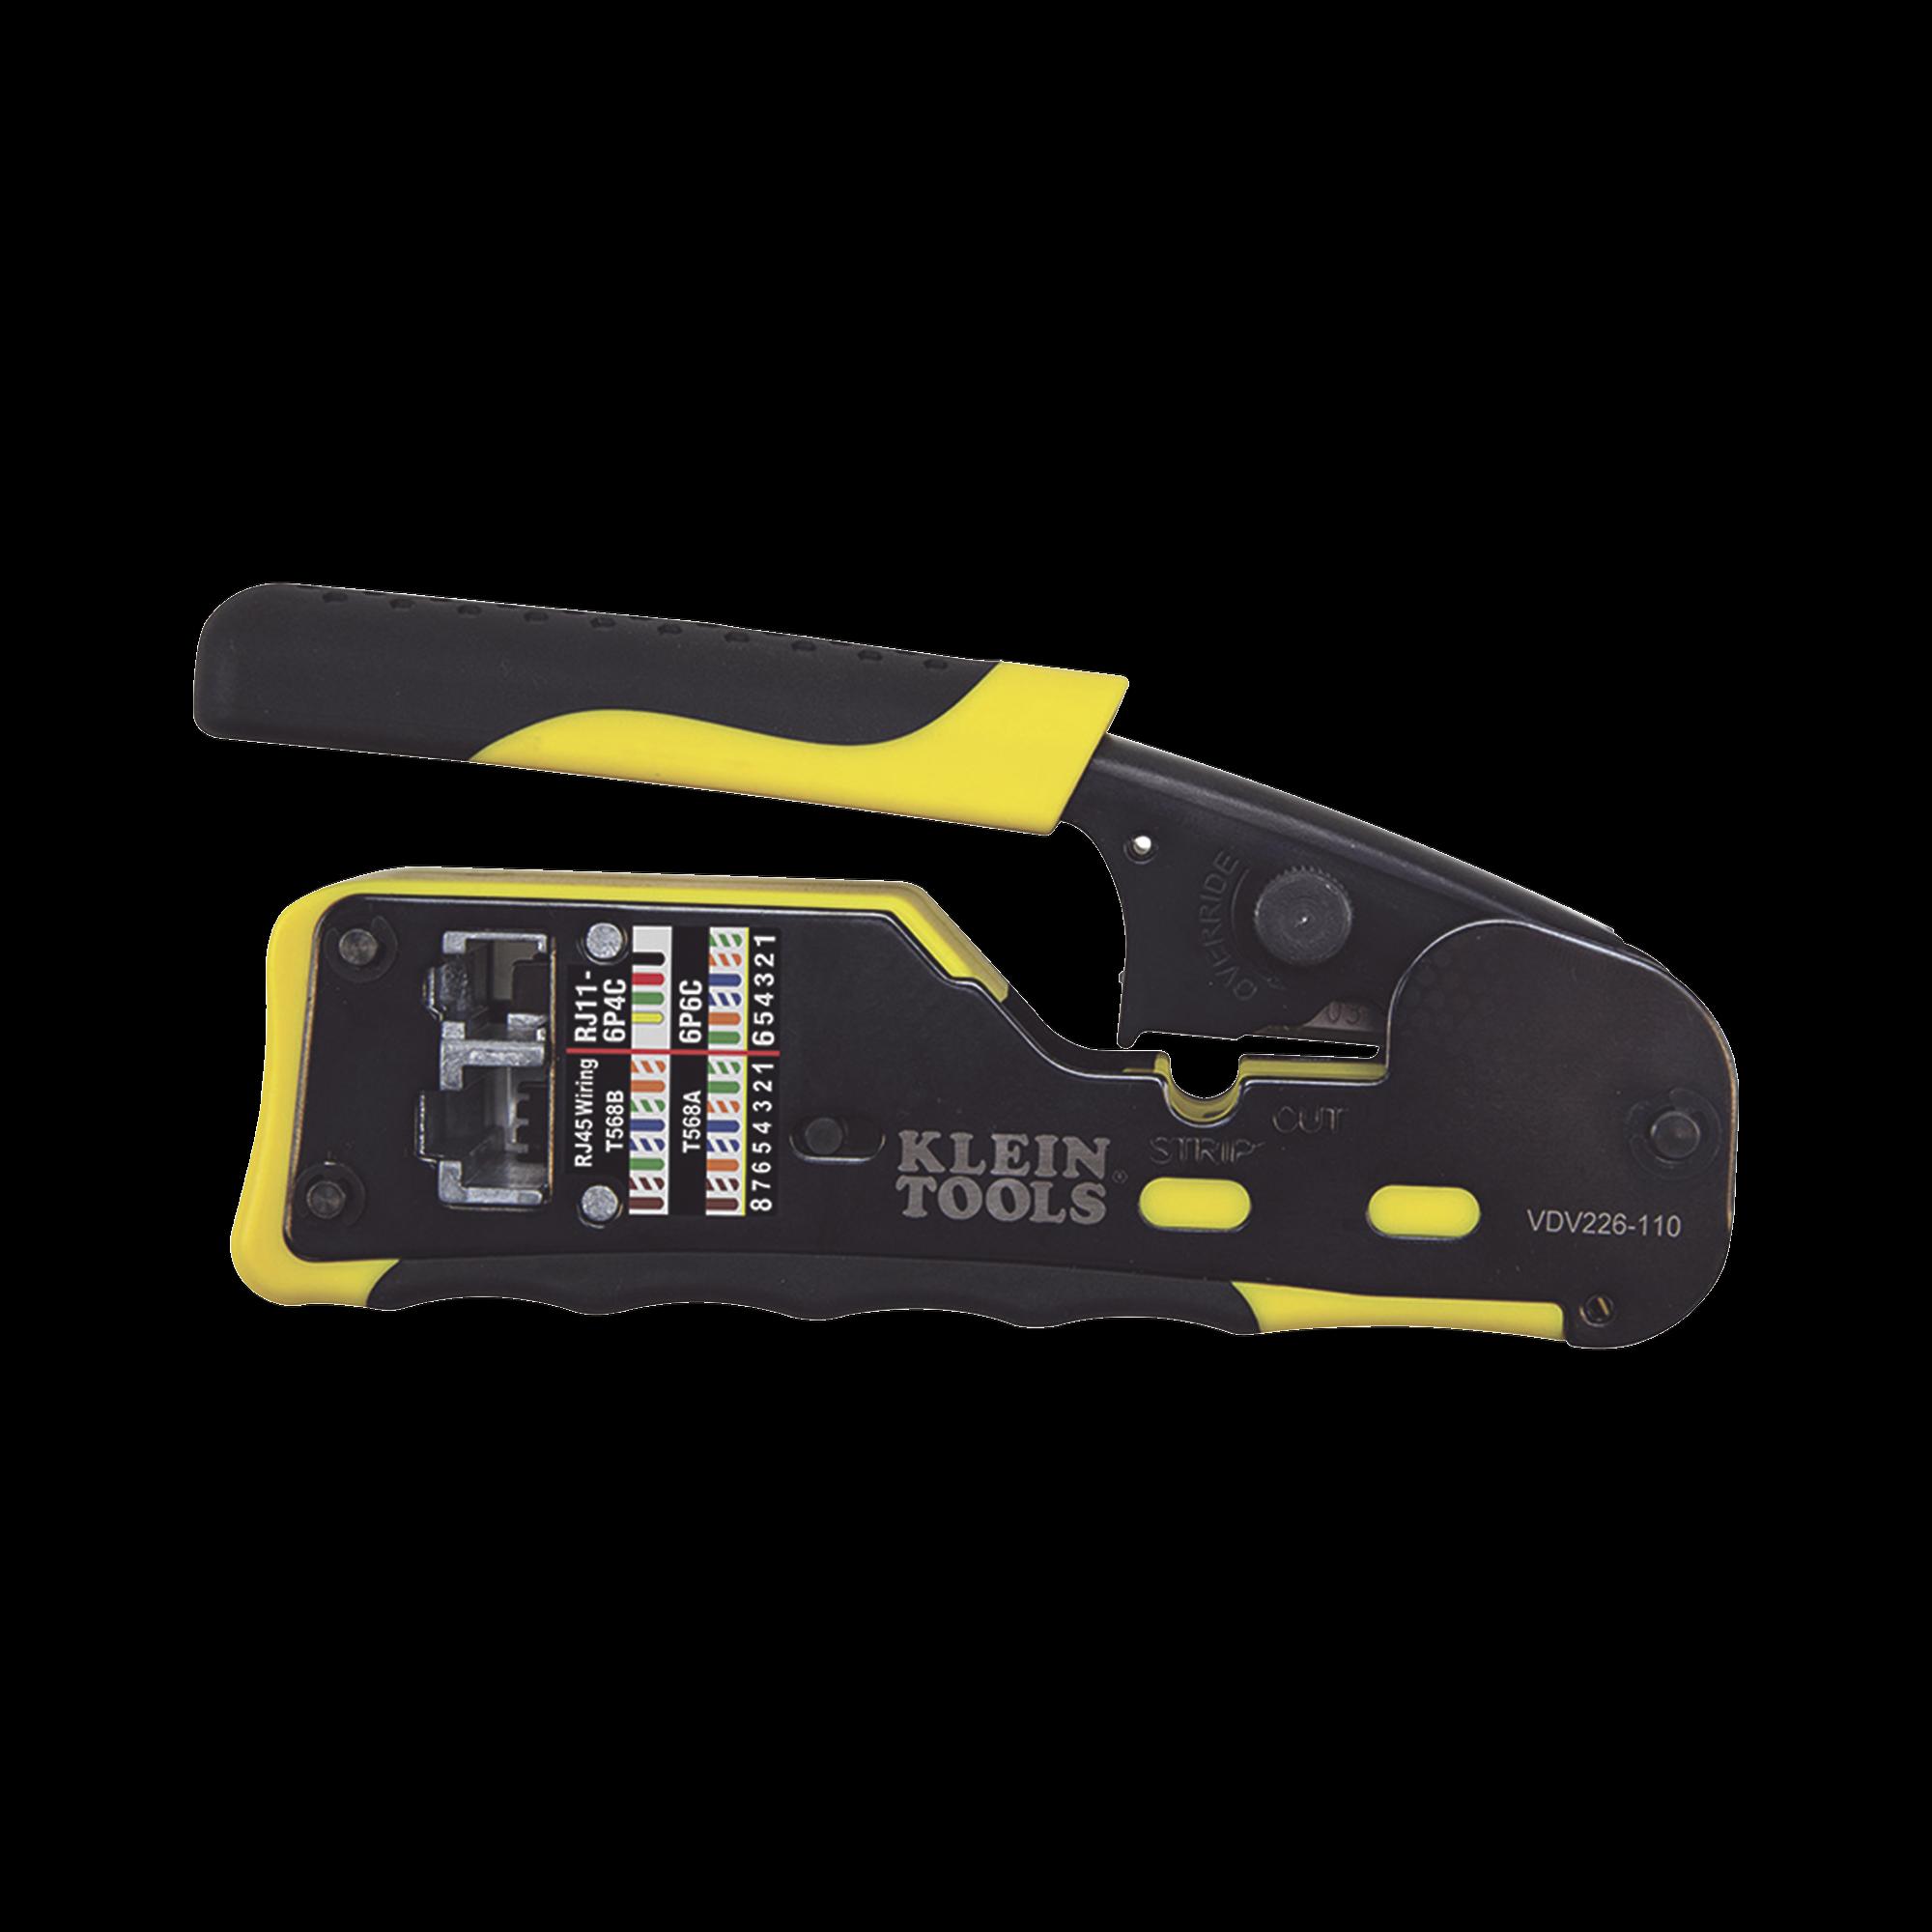 Ponchadora/Pelacables/Cortacables con Matraca para Conectores Pass-Thru RJ45 y Conectores Estándar RJ11/RJ12.